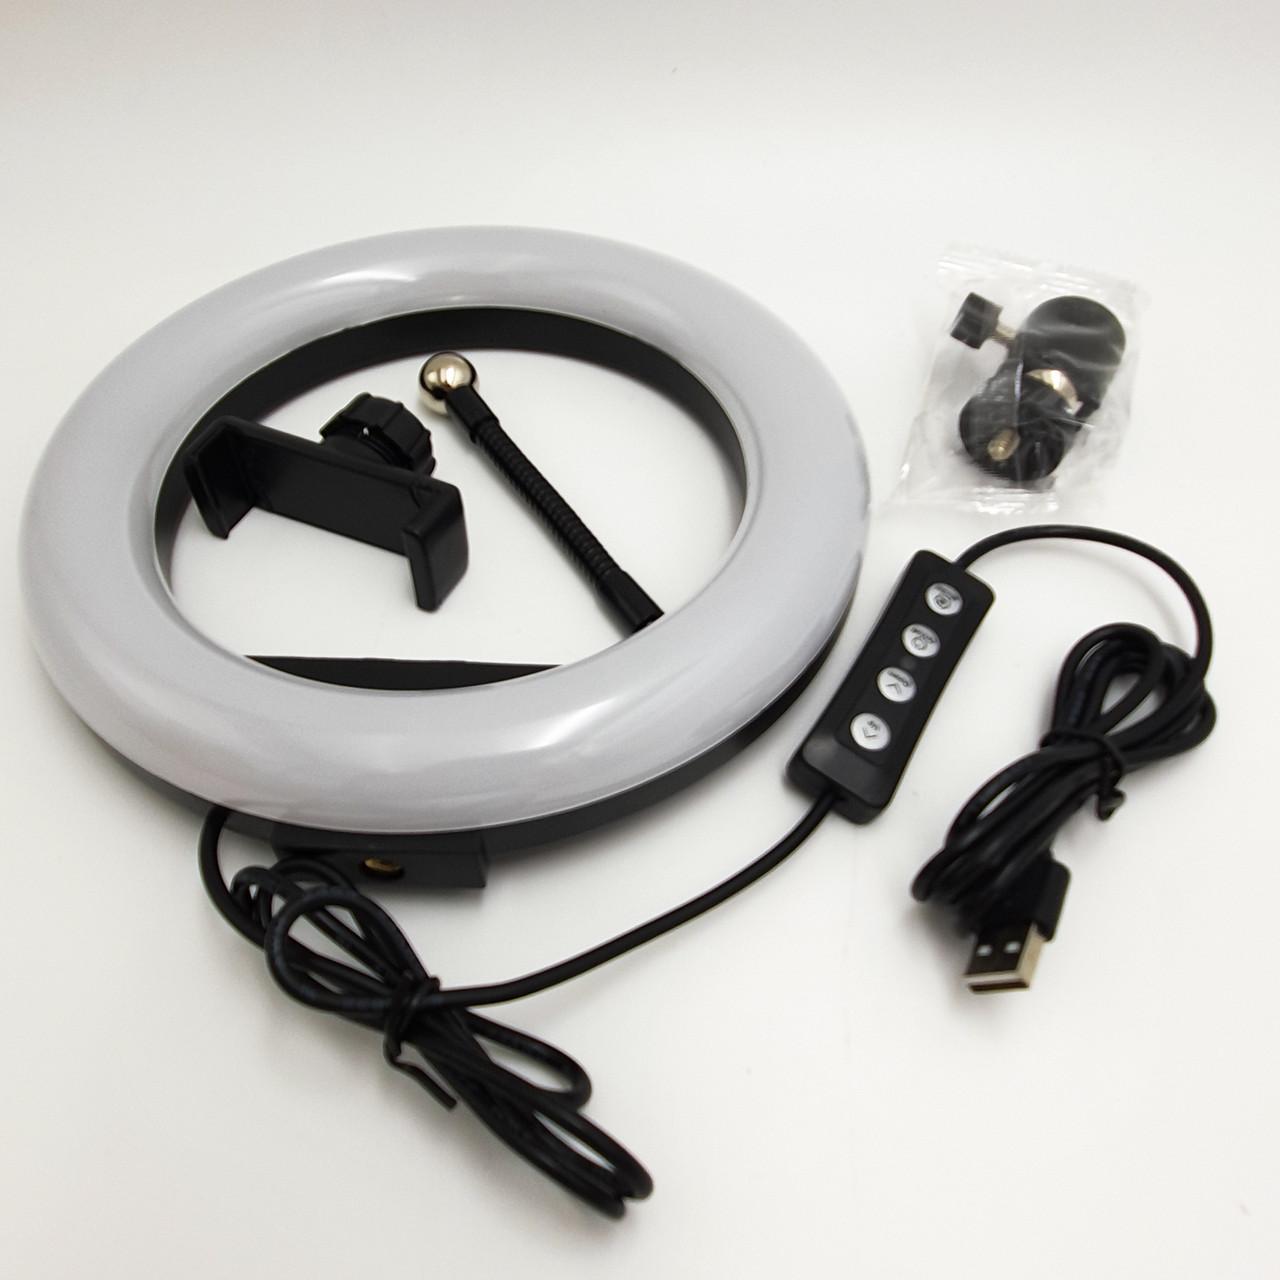 Кольцевая LED лампа 20 см 10W с держателем для телефона селфи кольцо блогера 3 режима свечения